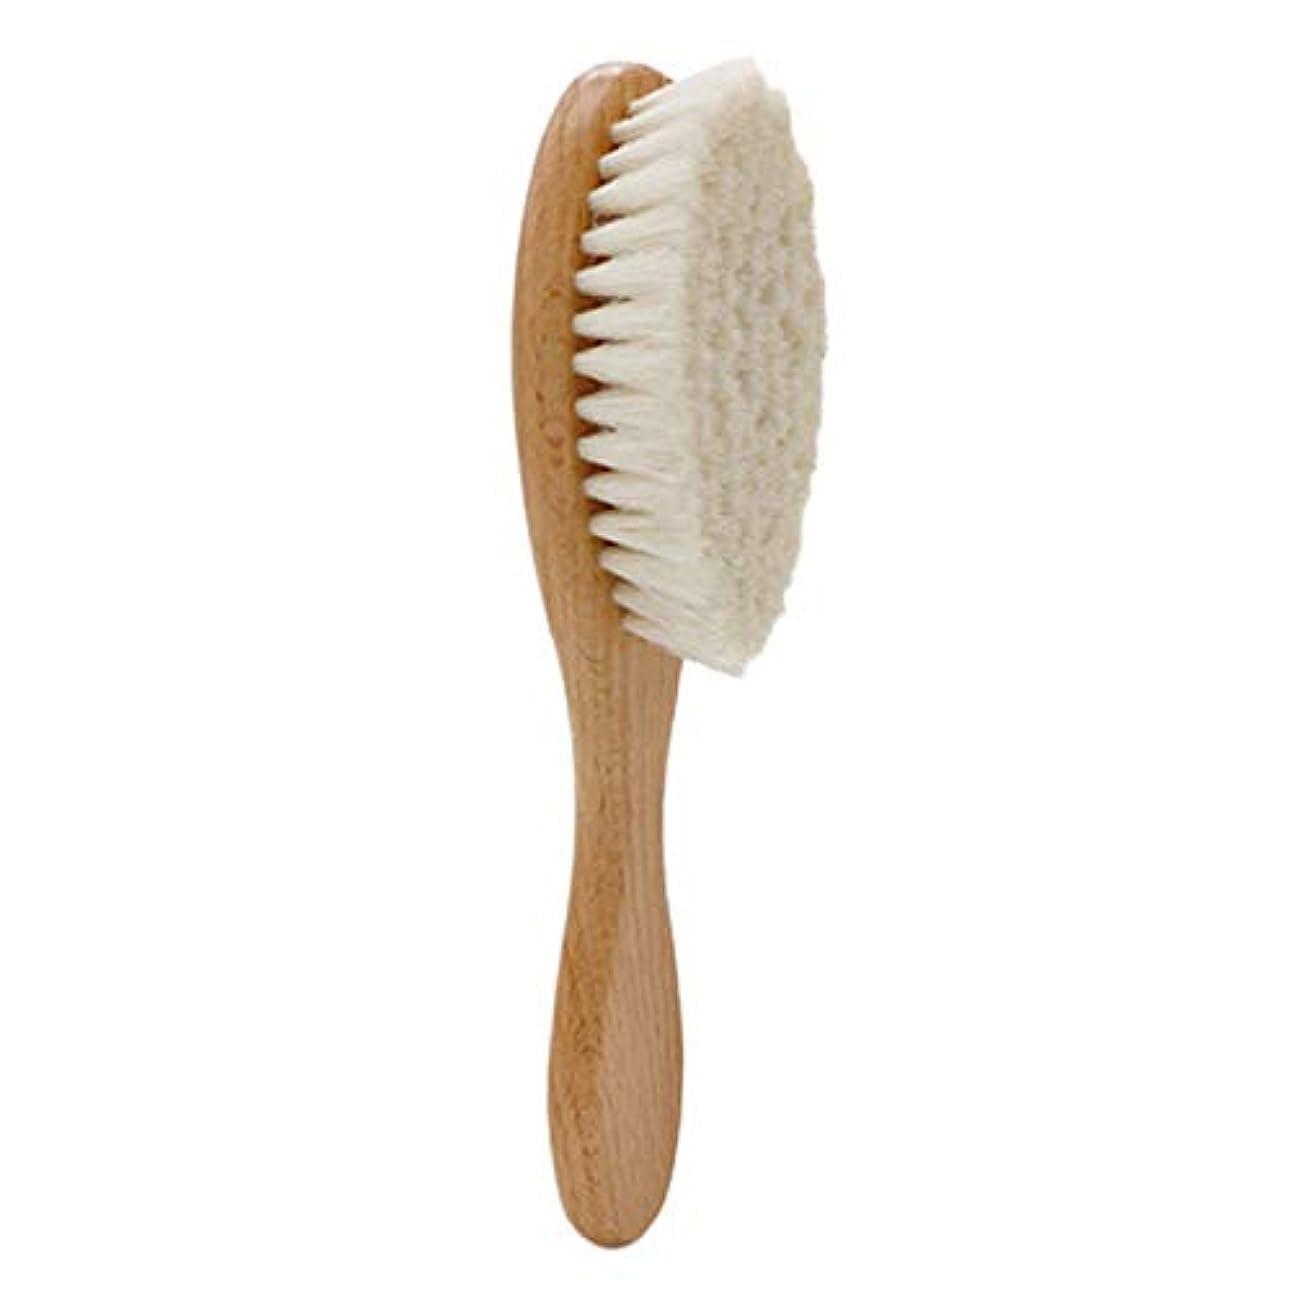 提案するメガロポリス終わったTOOGOO 木製ハンドル理髪ソフトファイバーブラシ床屋首ダスタークリーニング削除ブラシヘアスタイリングツール